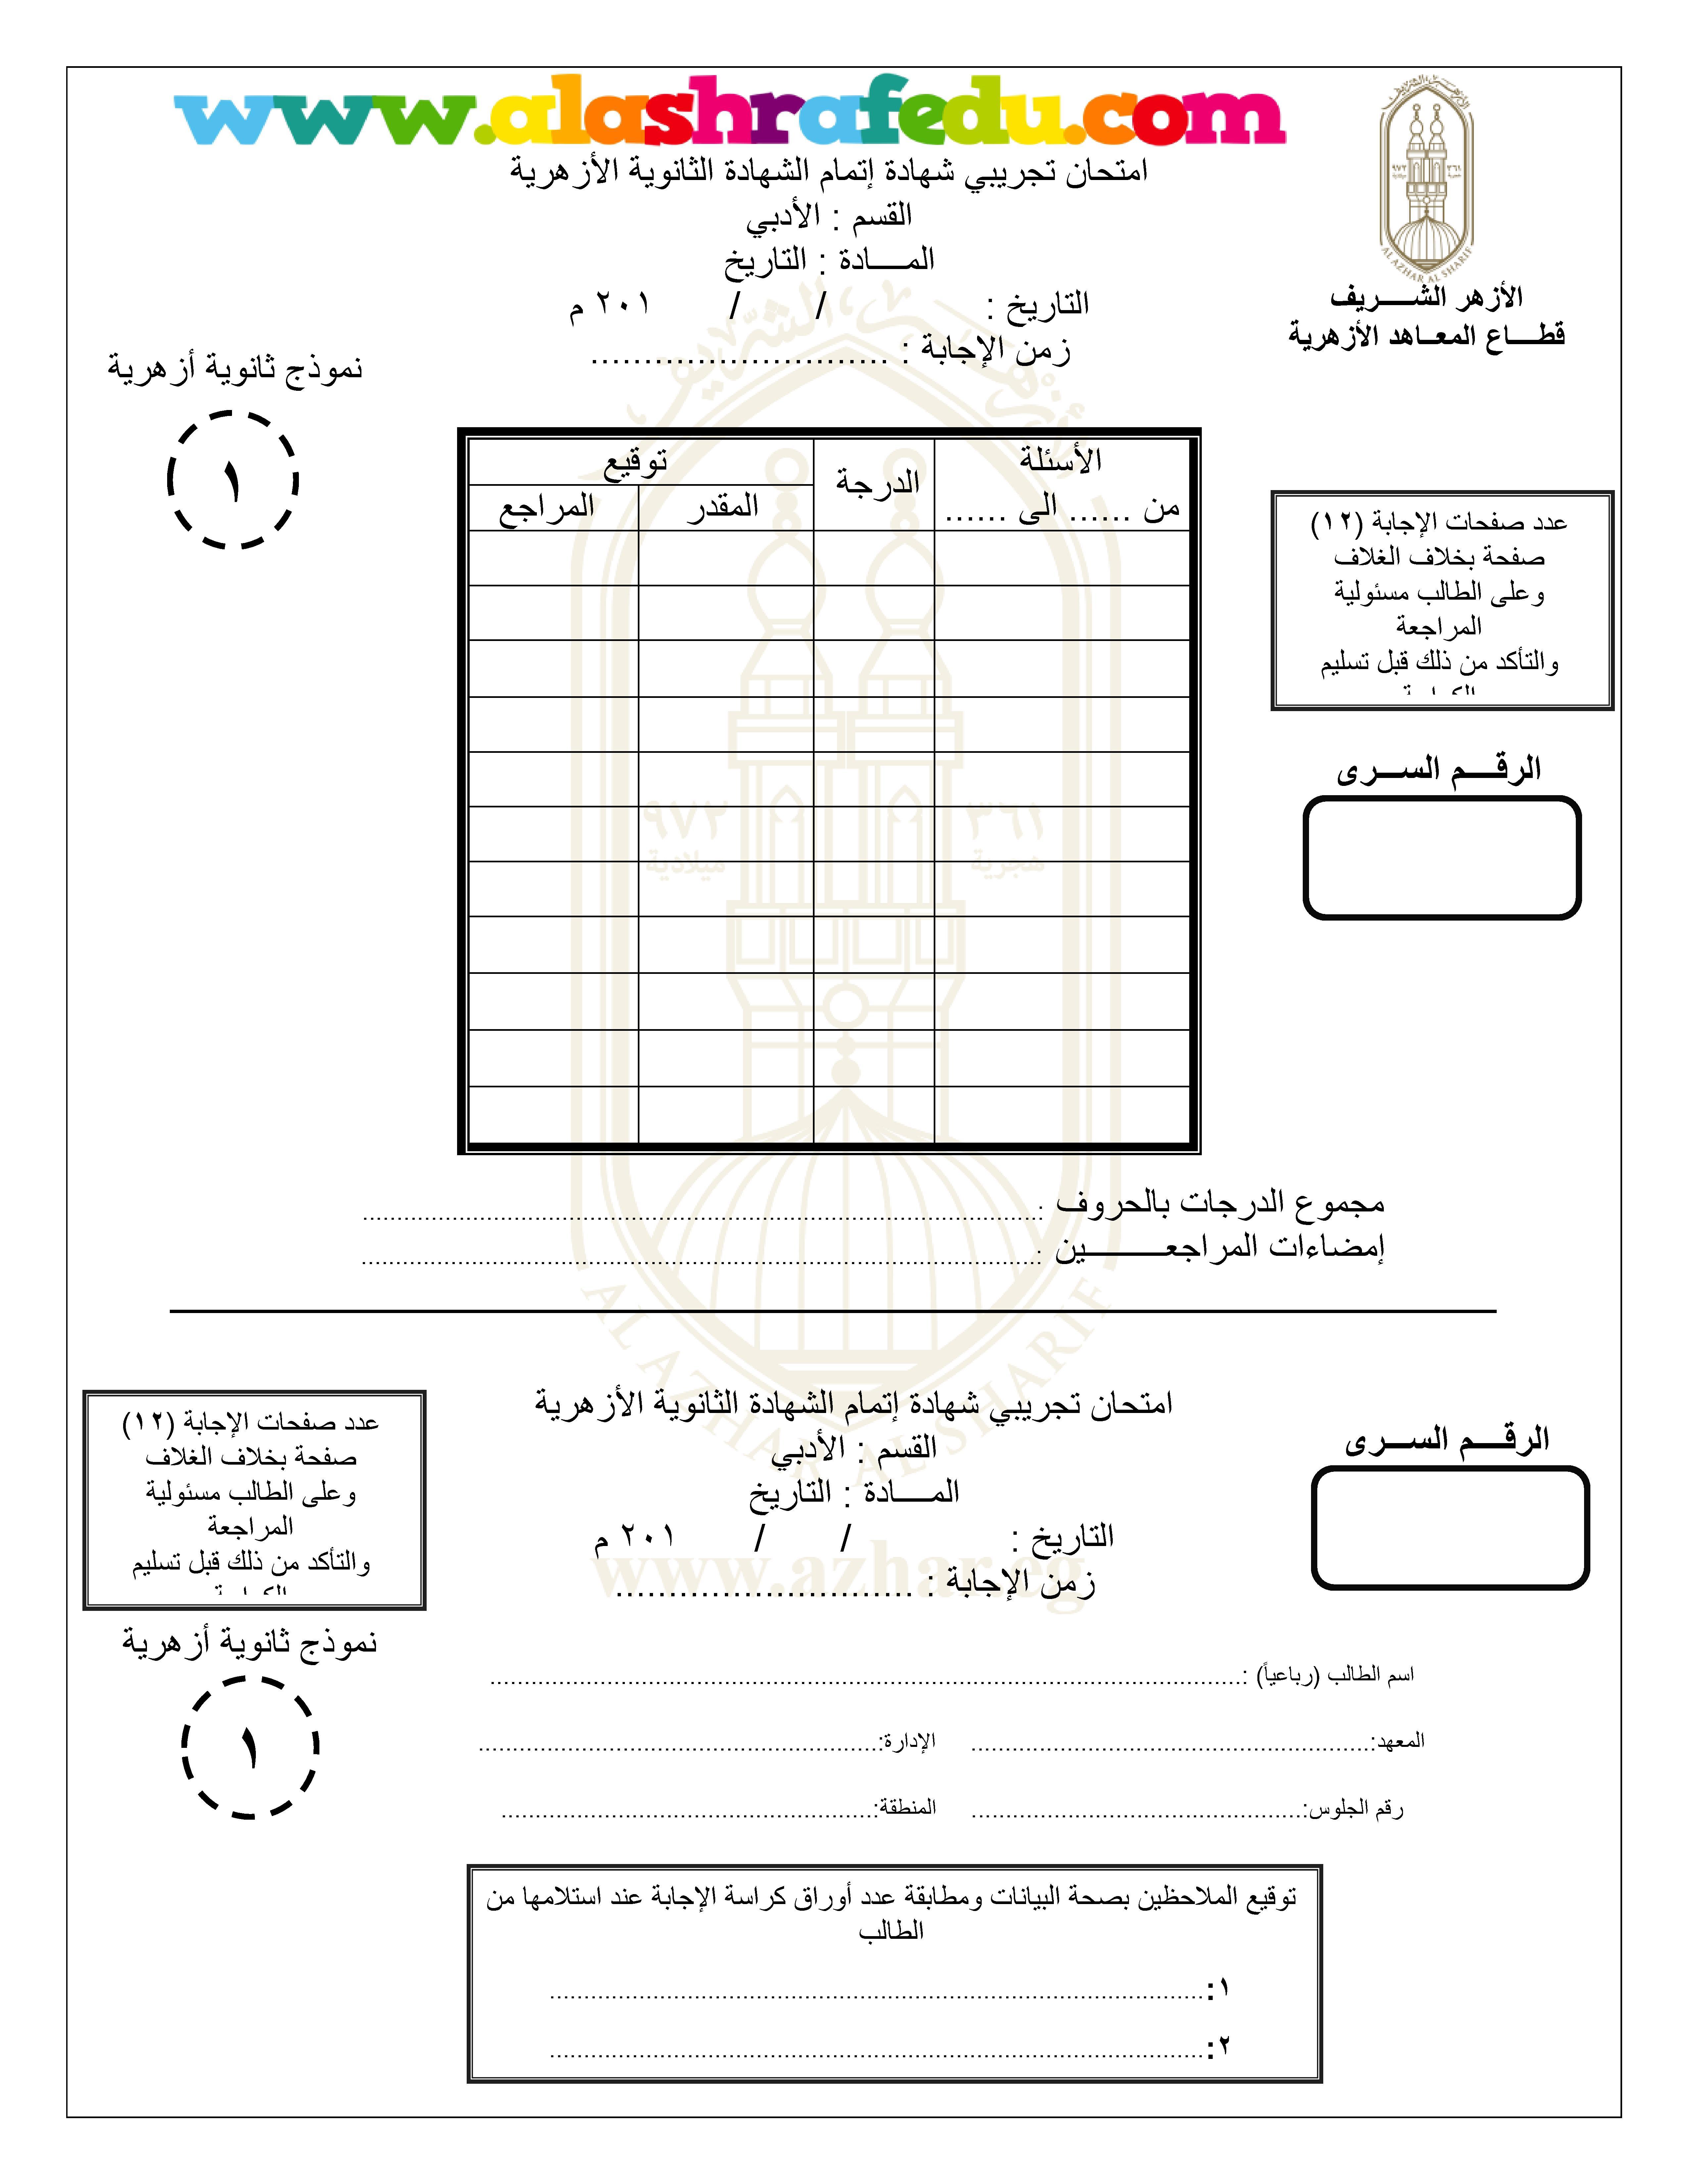 نموذج بوكليت إسترشادى تاريخ الإمتحان الإجابه 2019 الشهاده الثانويه الأزهريه www.alashrafedu.com1